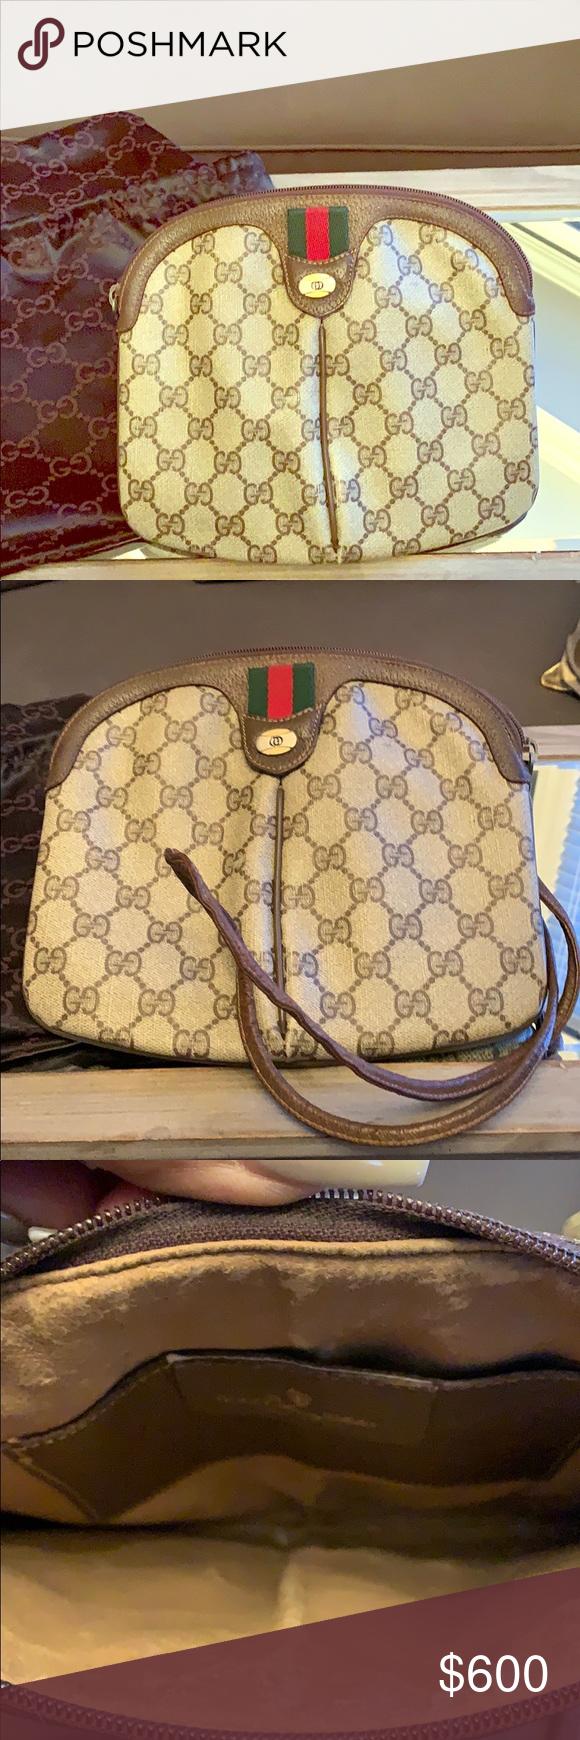 9356c0eb7fd3 Vintage Gucci Handbag❤ Vintage Gucci Webby Gg Logo leather shoulder bag.  6686 Brown